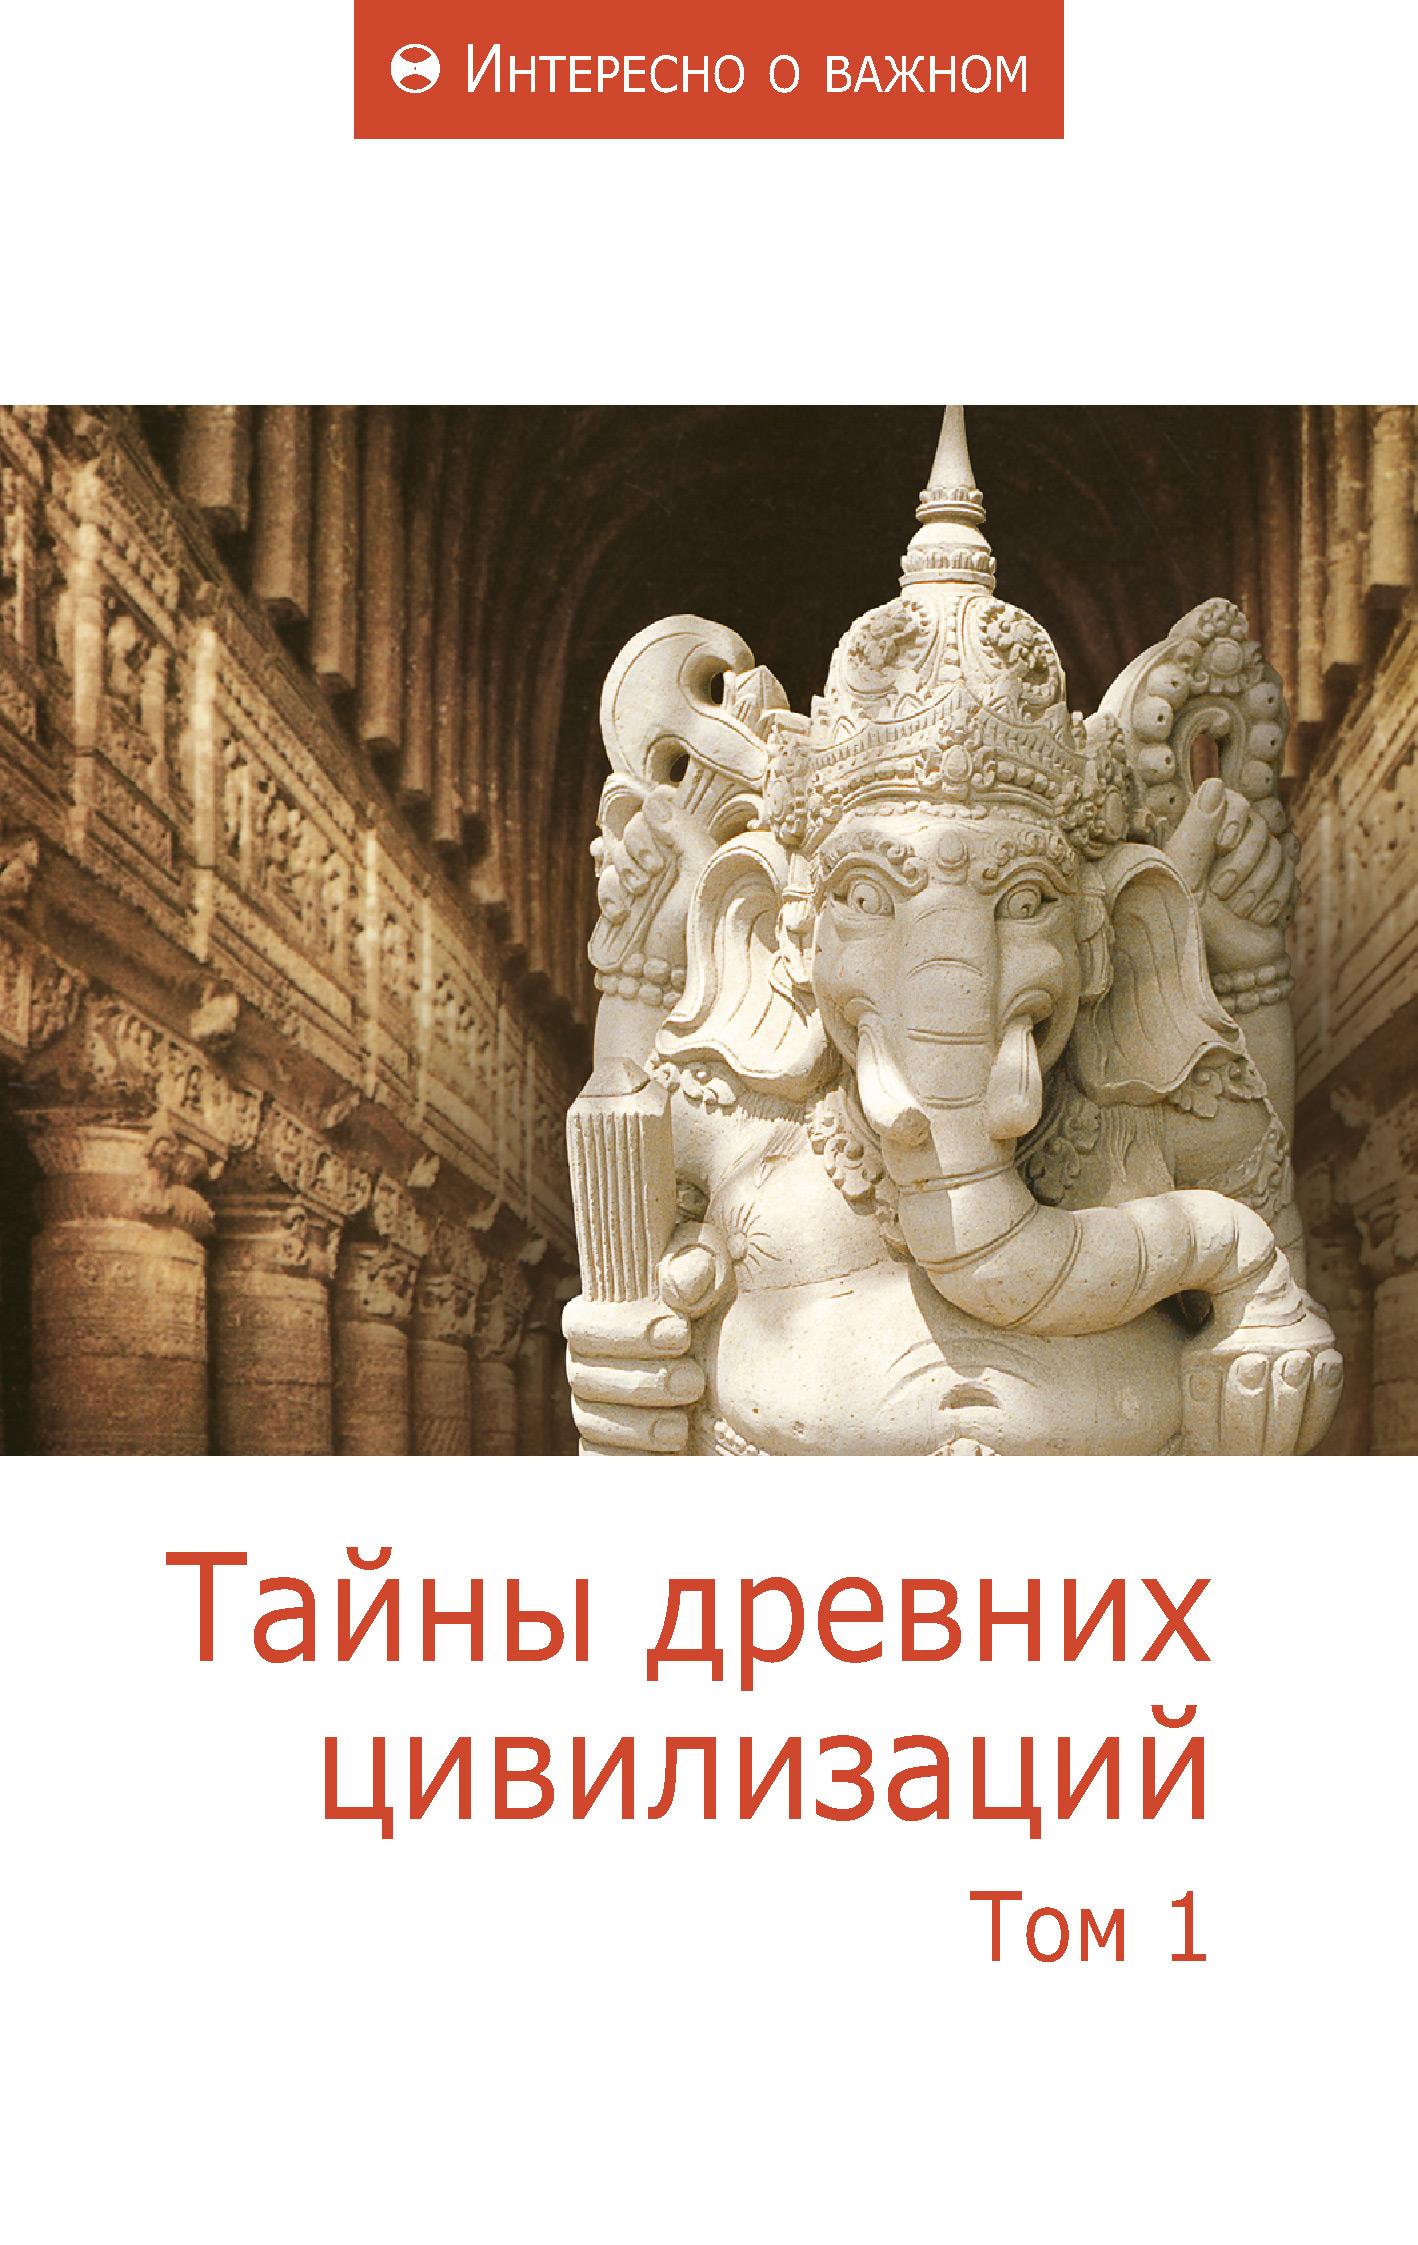 Сборник статей Тайны древних цивилизаций. Том 1